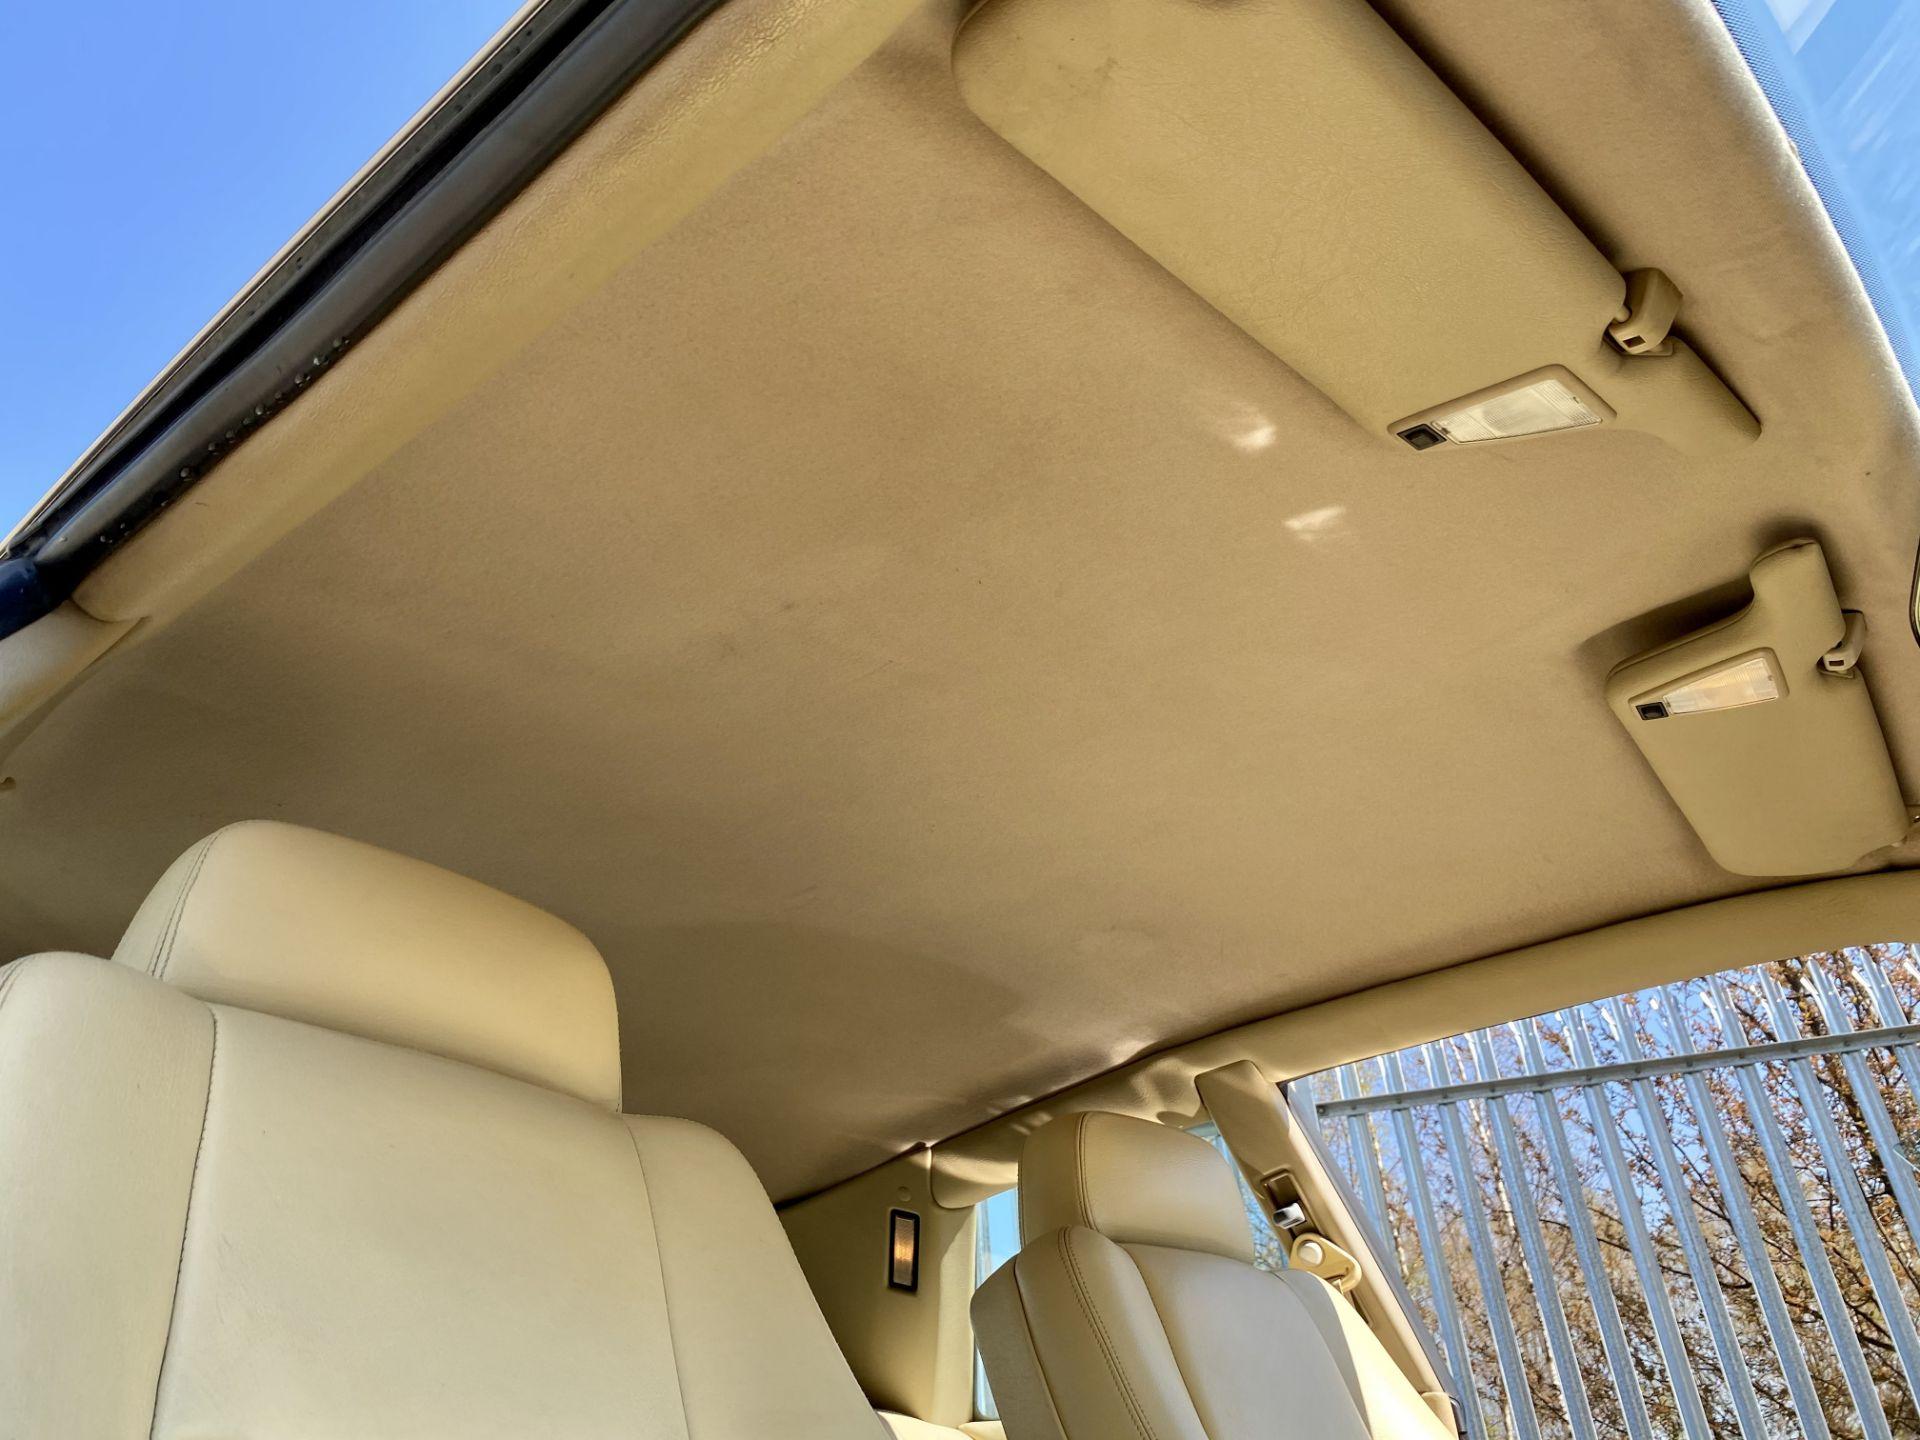 Jaguar XJS coupe - Image 56 of 64